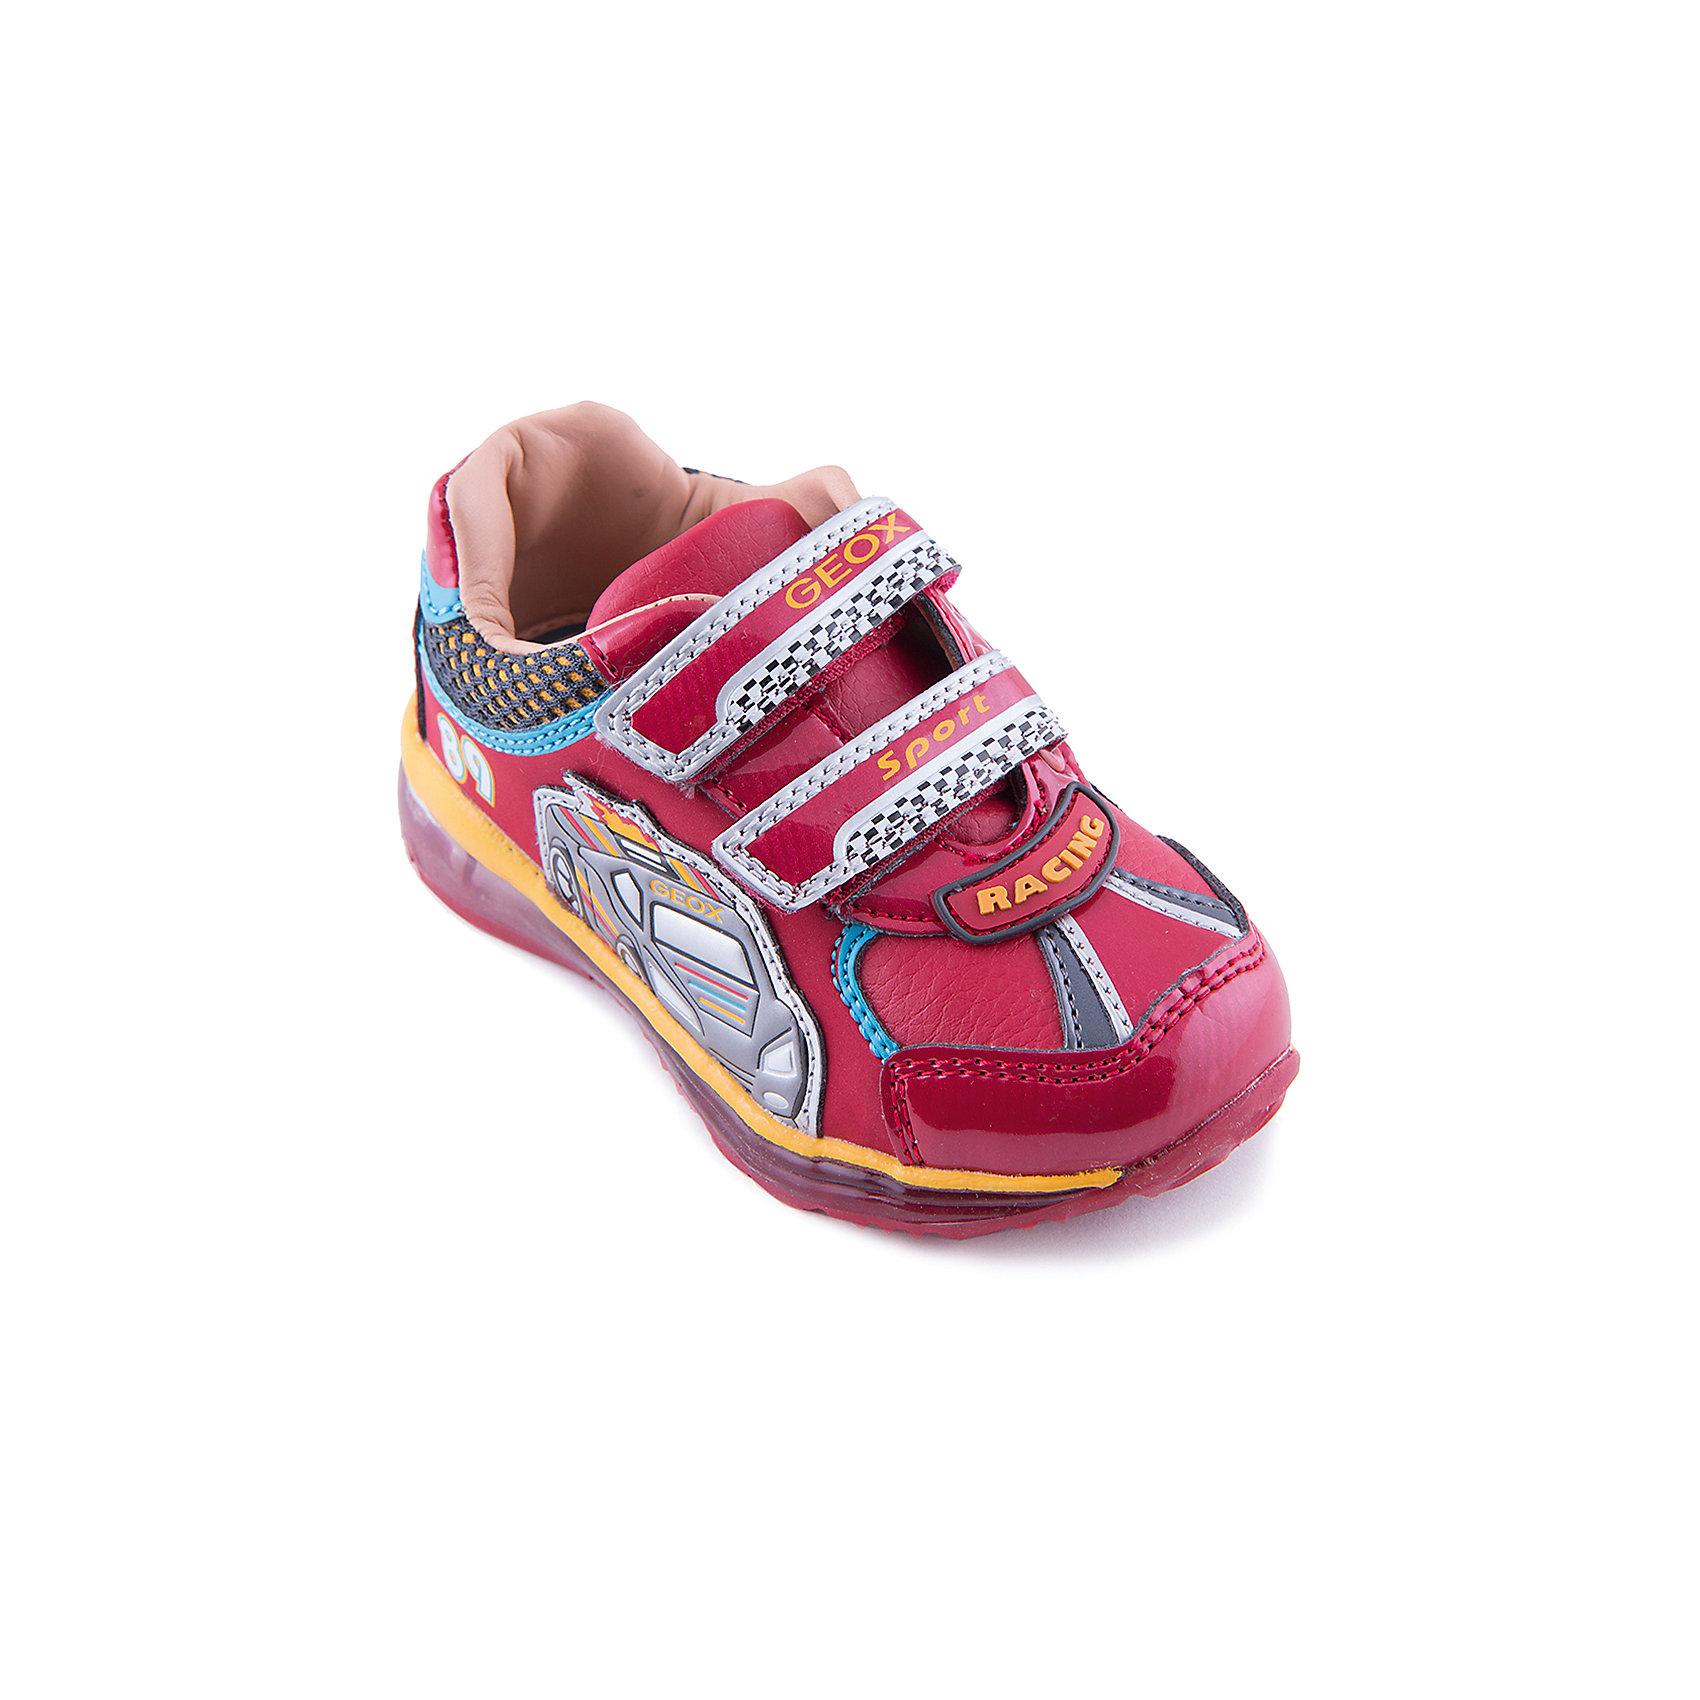 Кроссовки для мальчика GEOXКроссовки для мальчика от популярной марки GEOX.<br><br>Удобные и стильные кроссовки обязательно понравятся мальчишкам. Они не только яркие и красивые, но еще и очень комфортные. Производитель обуви GEOX разработал специальную дышащую подошву, которая не пропускает влагу внутрь, а также высокотехнологичную стельку. <br> <br>Отличительные особенности модели:<br><br>- цвет: красный;<br>- украшен изображениями в автомобильной тематике;<br>- гибкая водоотталкивающая подошва с дышащей мембраной;<br>- мягкий и легкий верх;<br>- защита пятки и пальцев;<br>- эргономичная форма;<br>- удобная застежка-липучка;<br>- комфортное облегание;<br>- ударопрочная антибактериальная стелька;<br>- верх обуви и подкладка сделаны без использования хрома.<br><br>Дополнительная информация:<br><br>- Температурный режим: от +5° С  до +25° С.<br><br>- Состав:<br><br>материал верха: кожа,<br>материал подкладки: кожа<br>подошва: полимер<br><br>Кроссовки для мальчика GEOX (Геокс) можно купить в нашем магазине.<br><br>Ширина мм: 250<br>Глубина мм: 150<br>Высота мм: 150<br>Вес г: 250<br>Цвет: красный<br>Возраст от месяцев: 36<br>Возраст до месяцев: 48<br>Пол: Мужской<br>Возраст: Детский<br>Размер: 27,24,22,23,25,26<br>SKU: 4178087